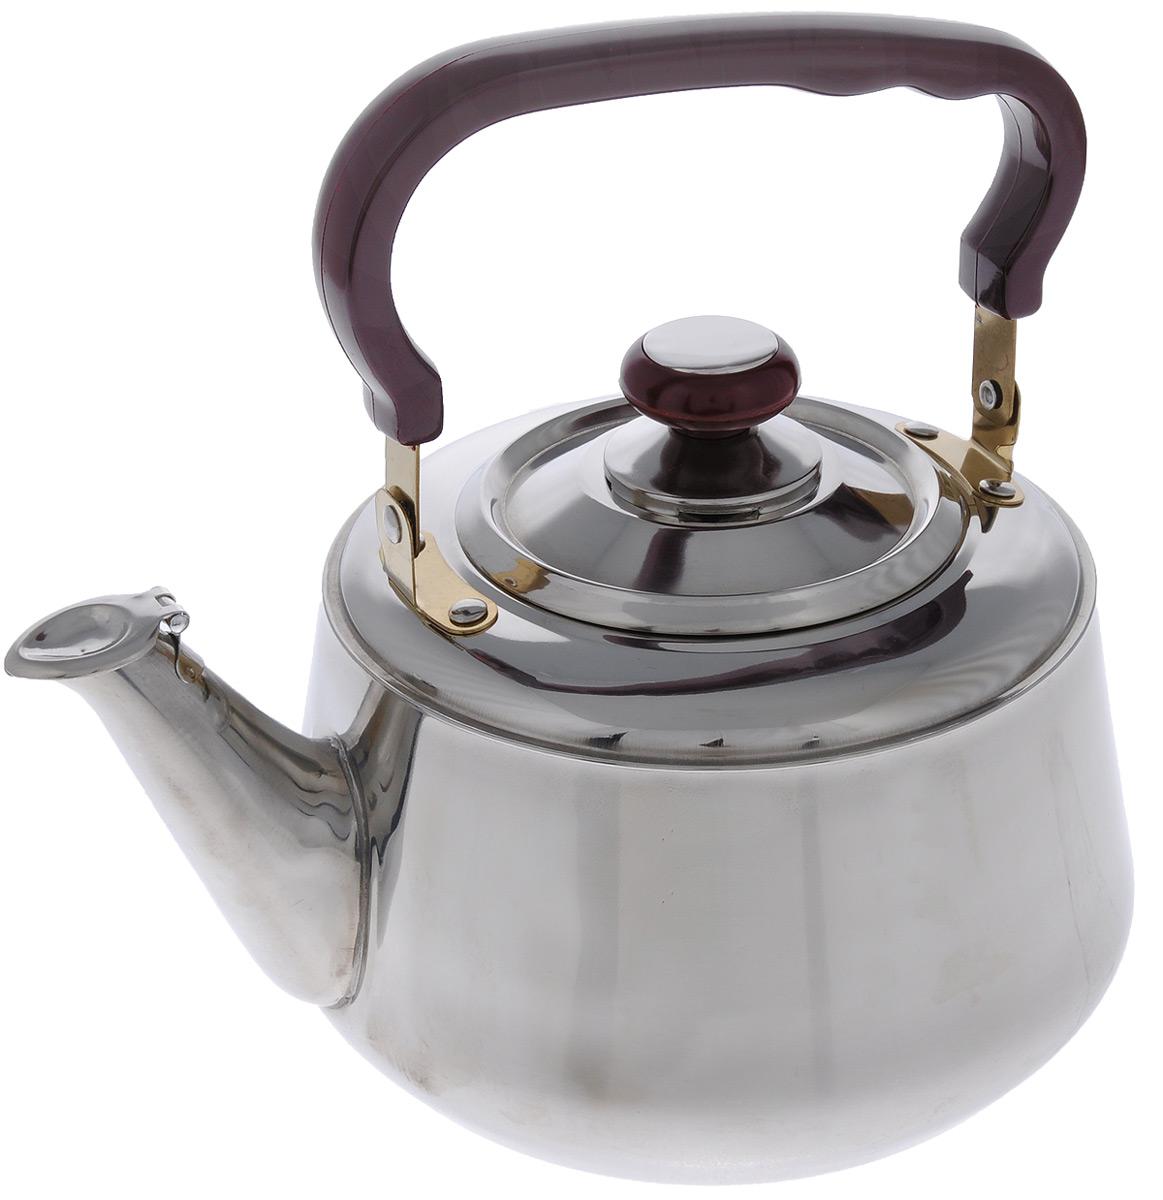 Чайник Mayer & Boch со свистком, 3 л чайник mayer & boch цвет стальной бирюзовый золотой 4 л 1046a